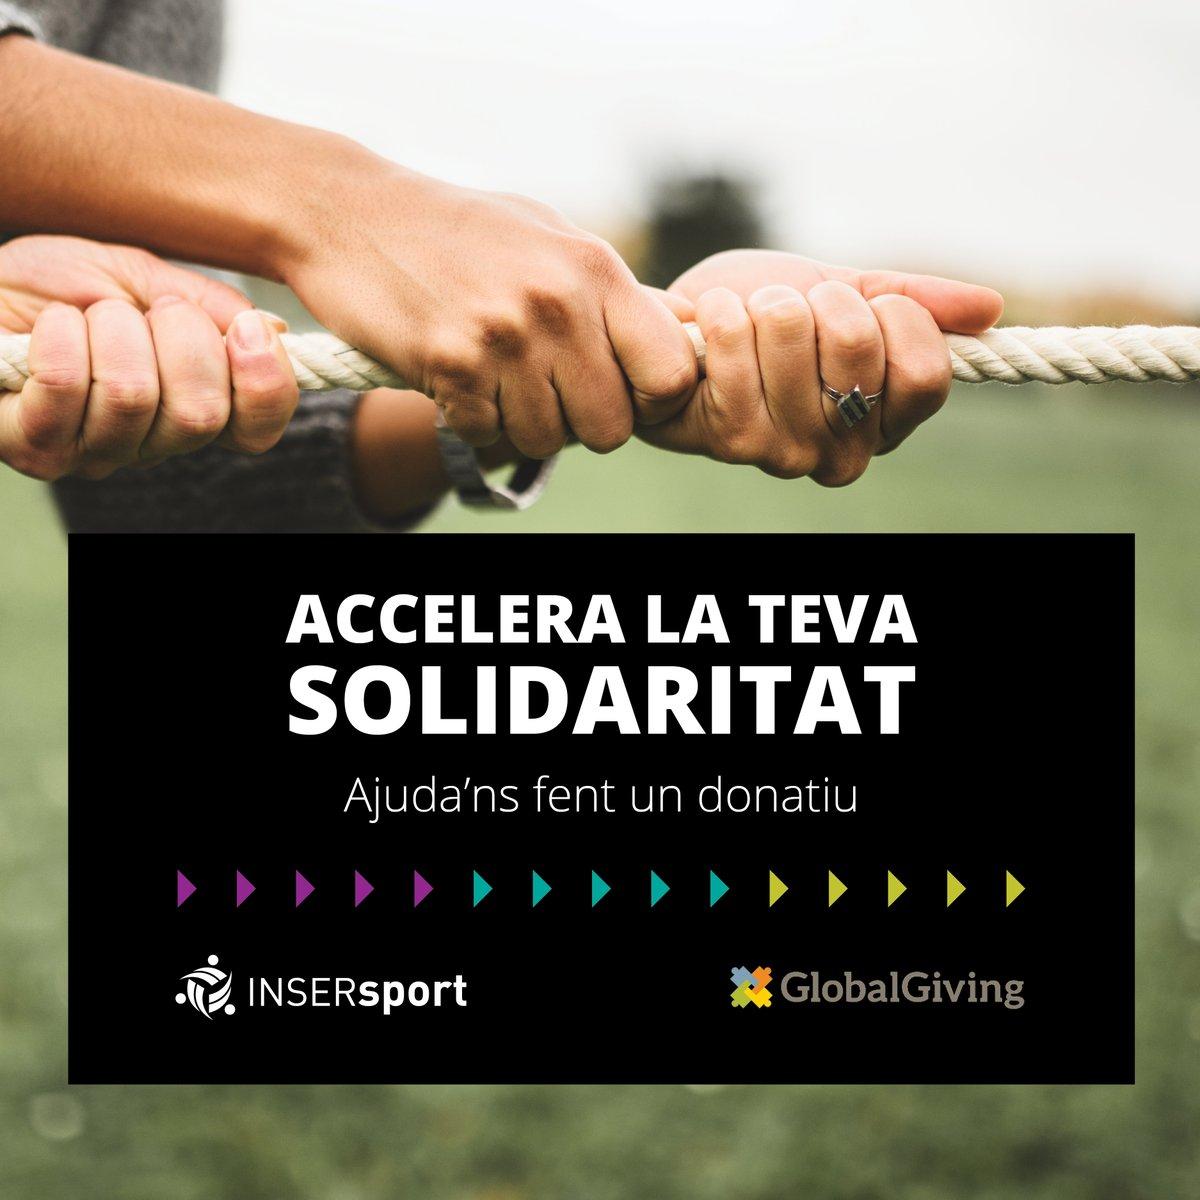 ‼️Accelera la teva solidaritat. Ajuda'ns fent un donatiu a INSERsport  ✅Prop de 200 joves han obtingut una titulació que els ha permès accedir al mercat laboral  Volem seguir oferint nous futurs. Hi col·labores?👇 https://t.co/cNBTk6vCeo  #somesport #sominclusió https://t.co/elpI3pSVw7